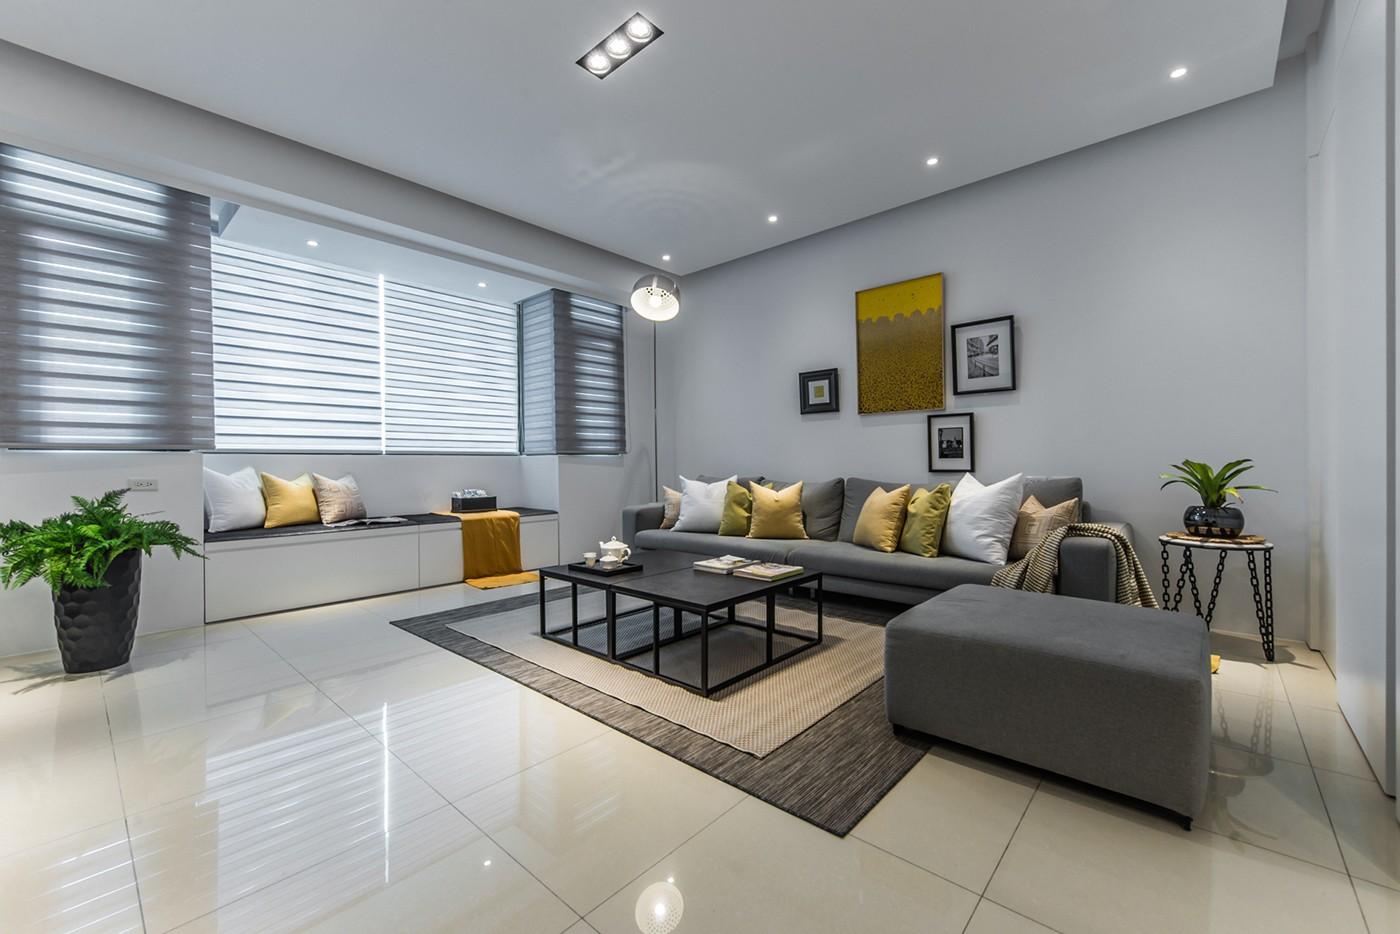 大户型简约现代风格沙发背景墙装修效果图